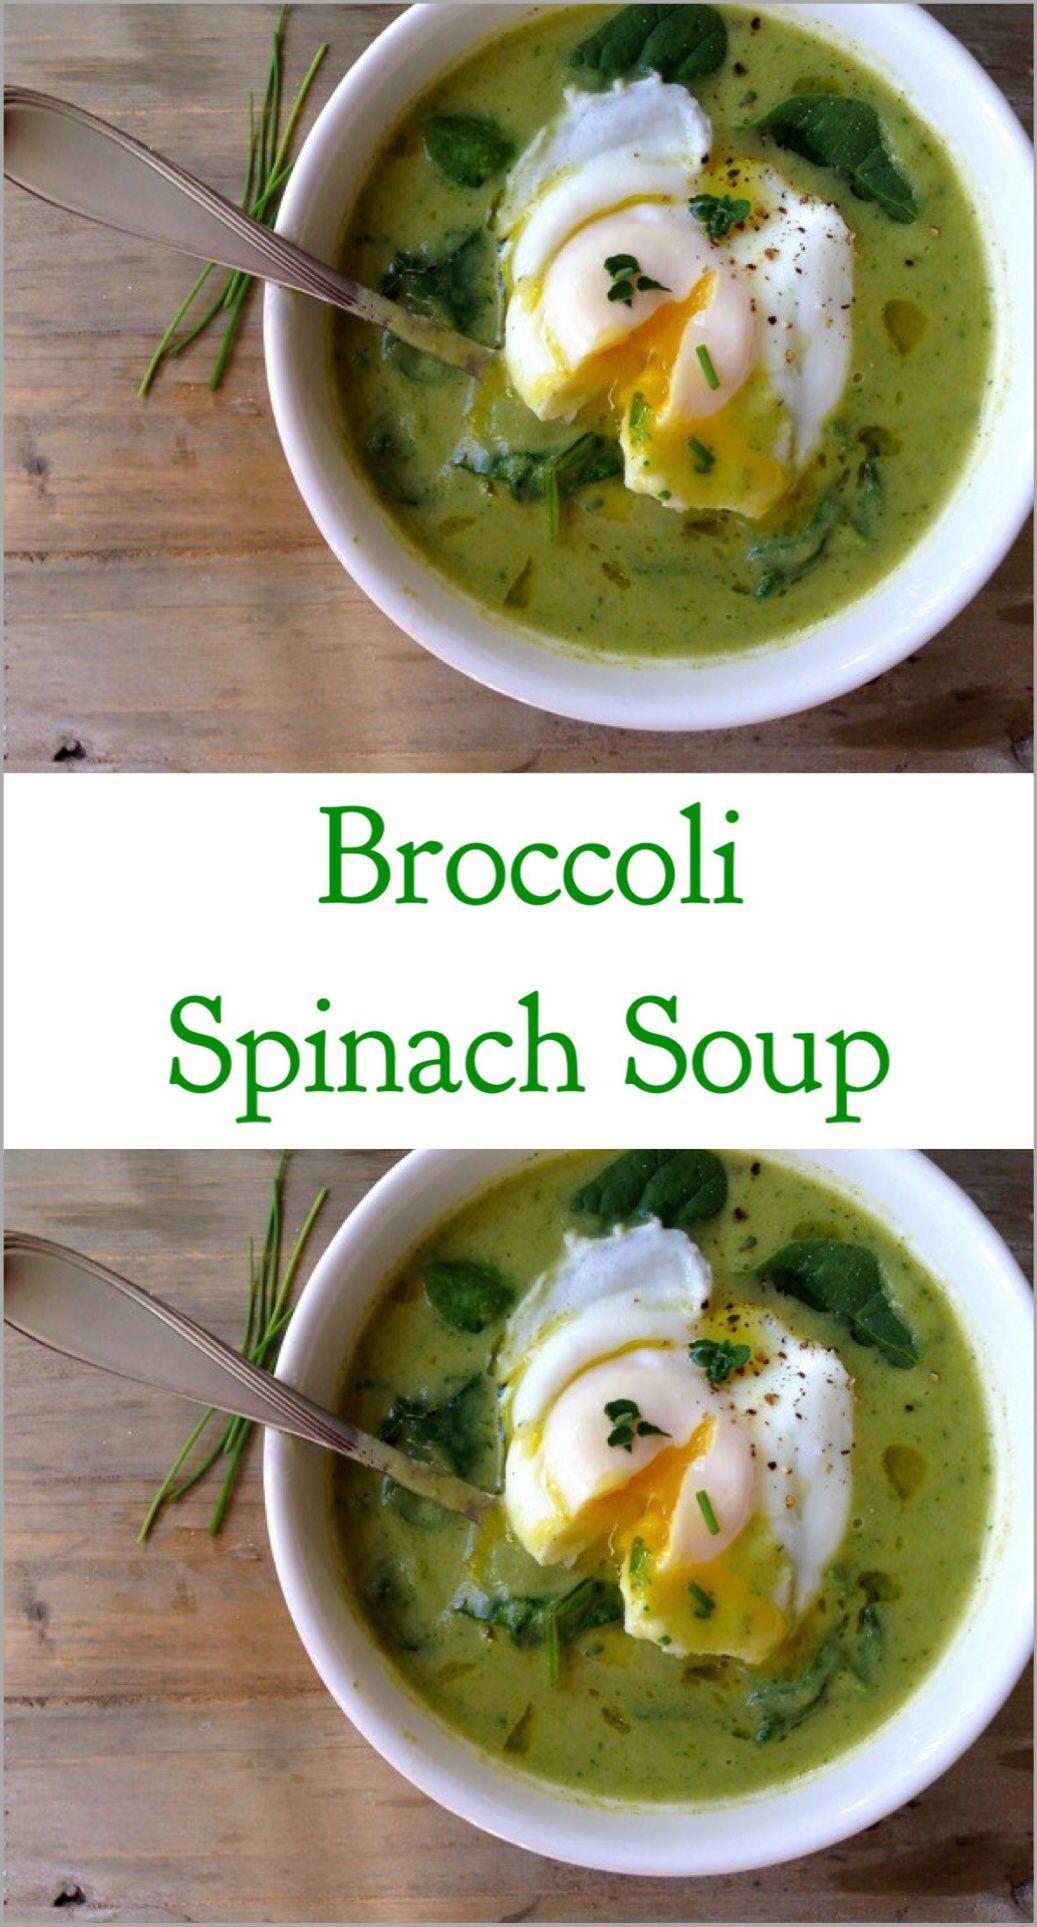 Broccoli Spinach Soup Recipe   CiaoFlorentina.com @CiaoFlorentina